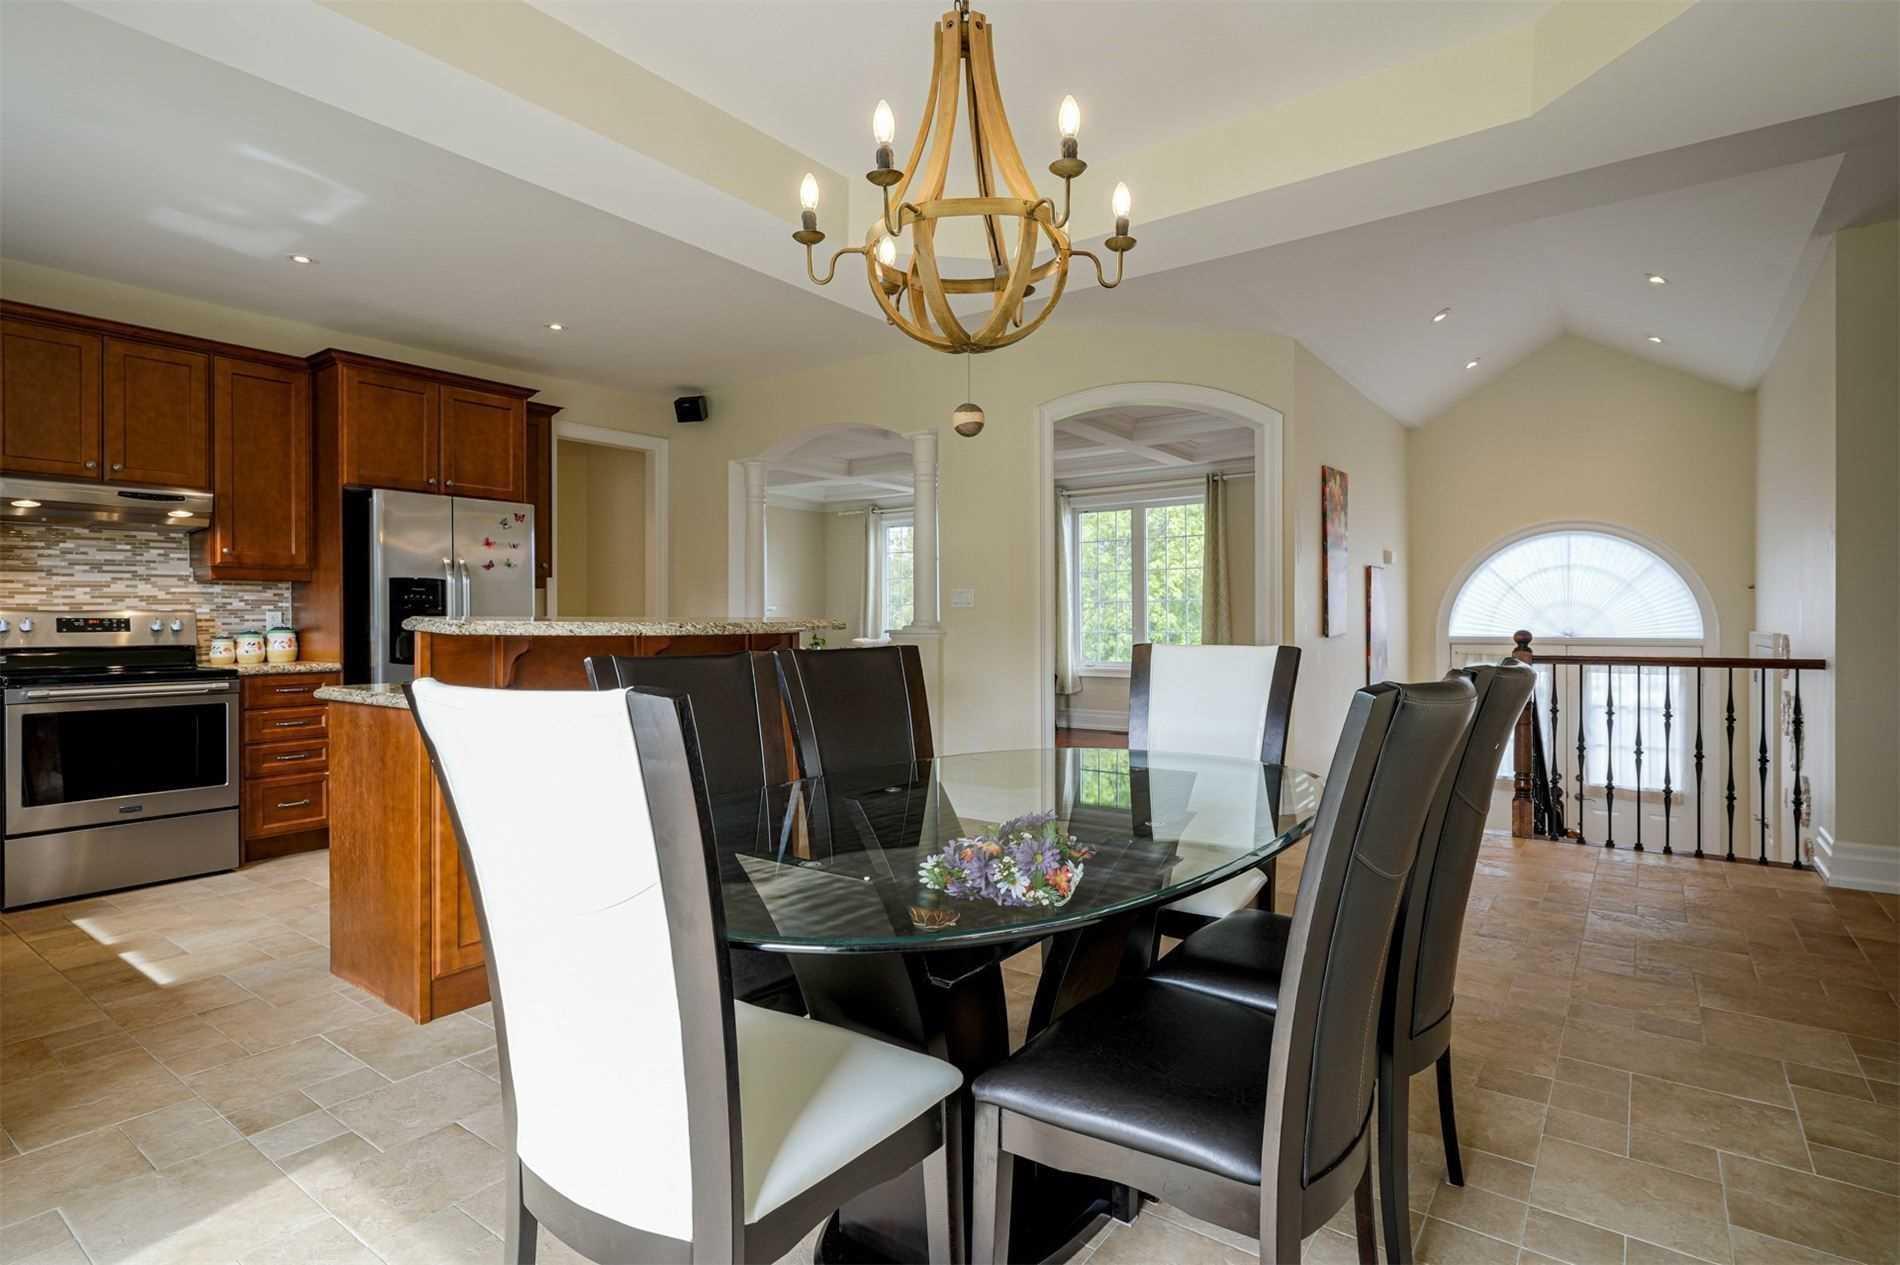 315 Highway 47 Rd - Rural Uxbridge Detached for sale, 3 Bedrooms (N5306115) - #11